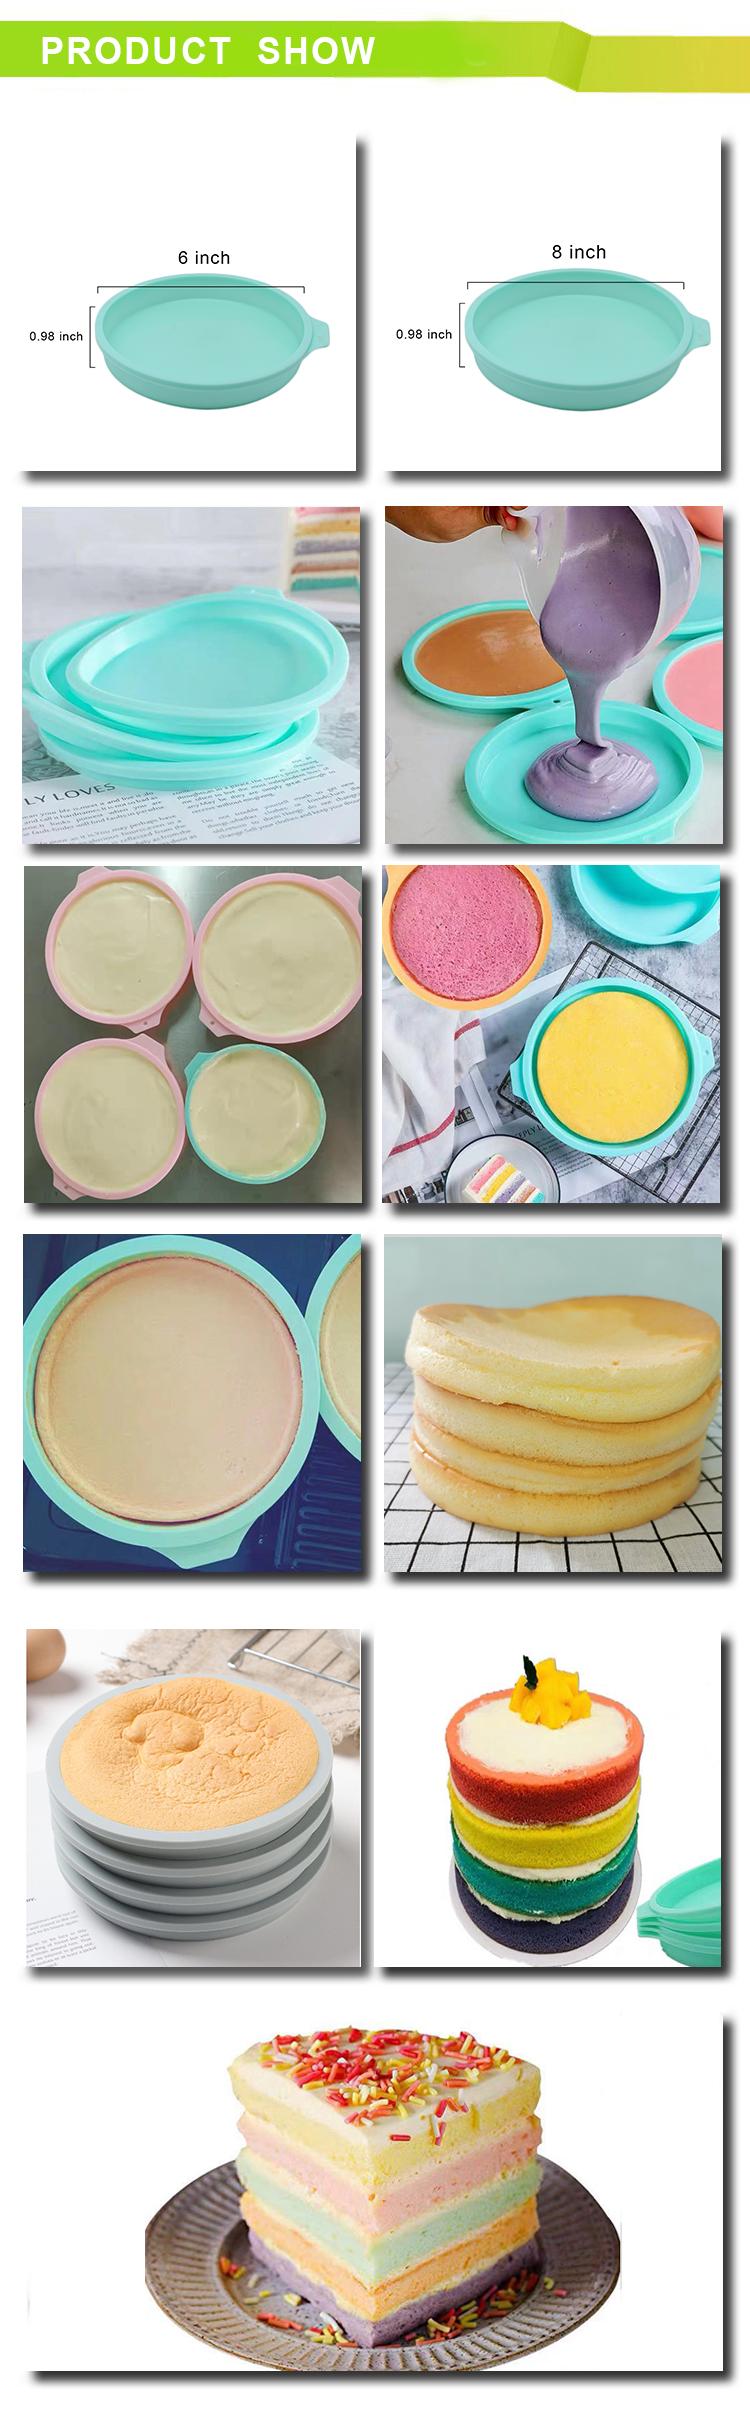 Neu design Wiederverwendbare FDA-Genehmigt Nicht-Stick kuchen geformt pfannen